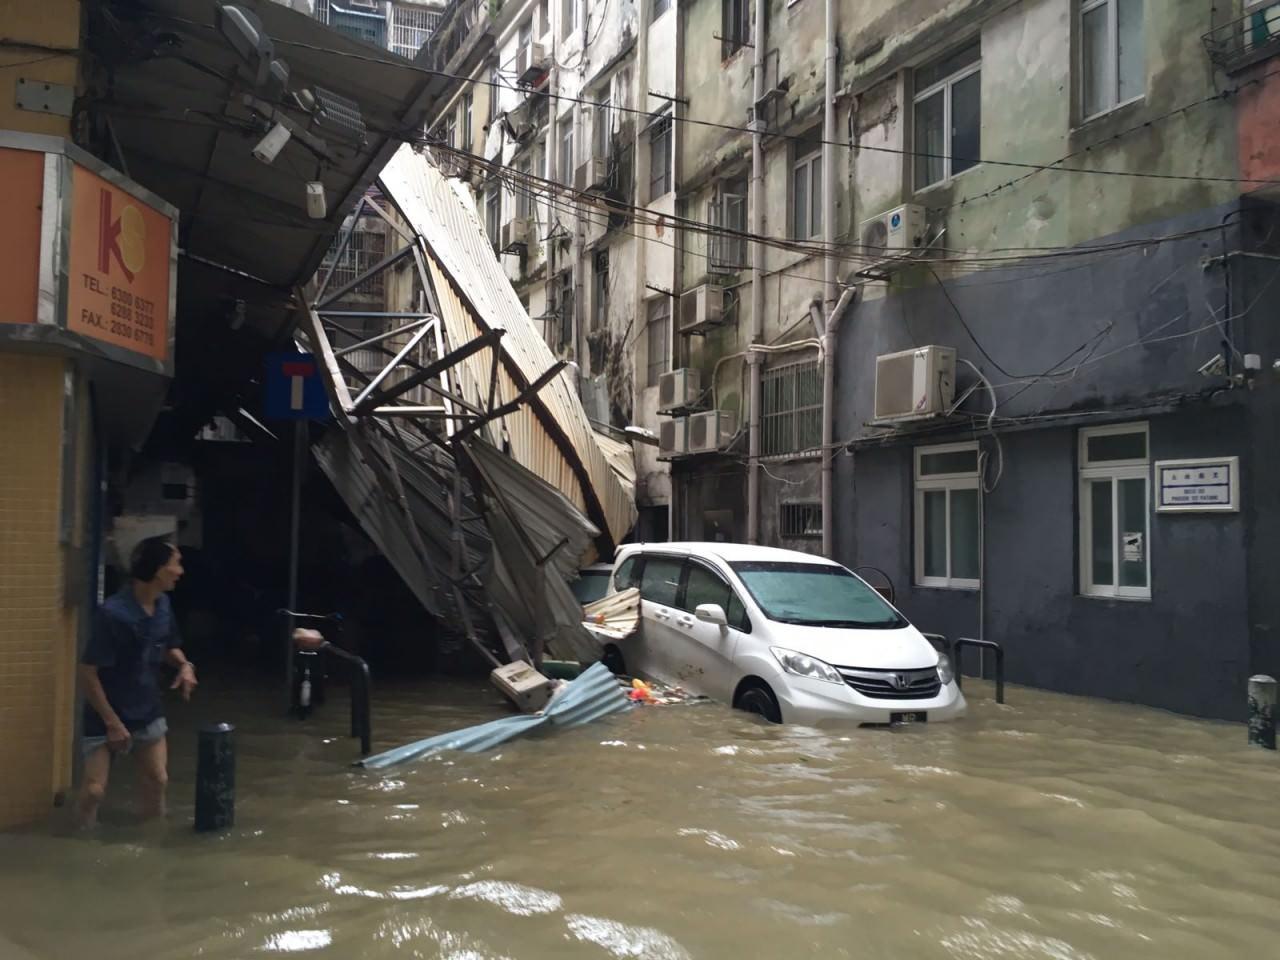 颱風天鴿襲擊澳門,澳門懸掛十號風球,內港嚴重水浸。(香港01駐澳門特約記者攝)